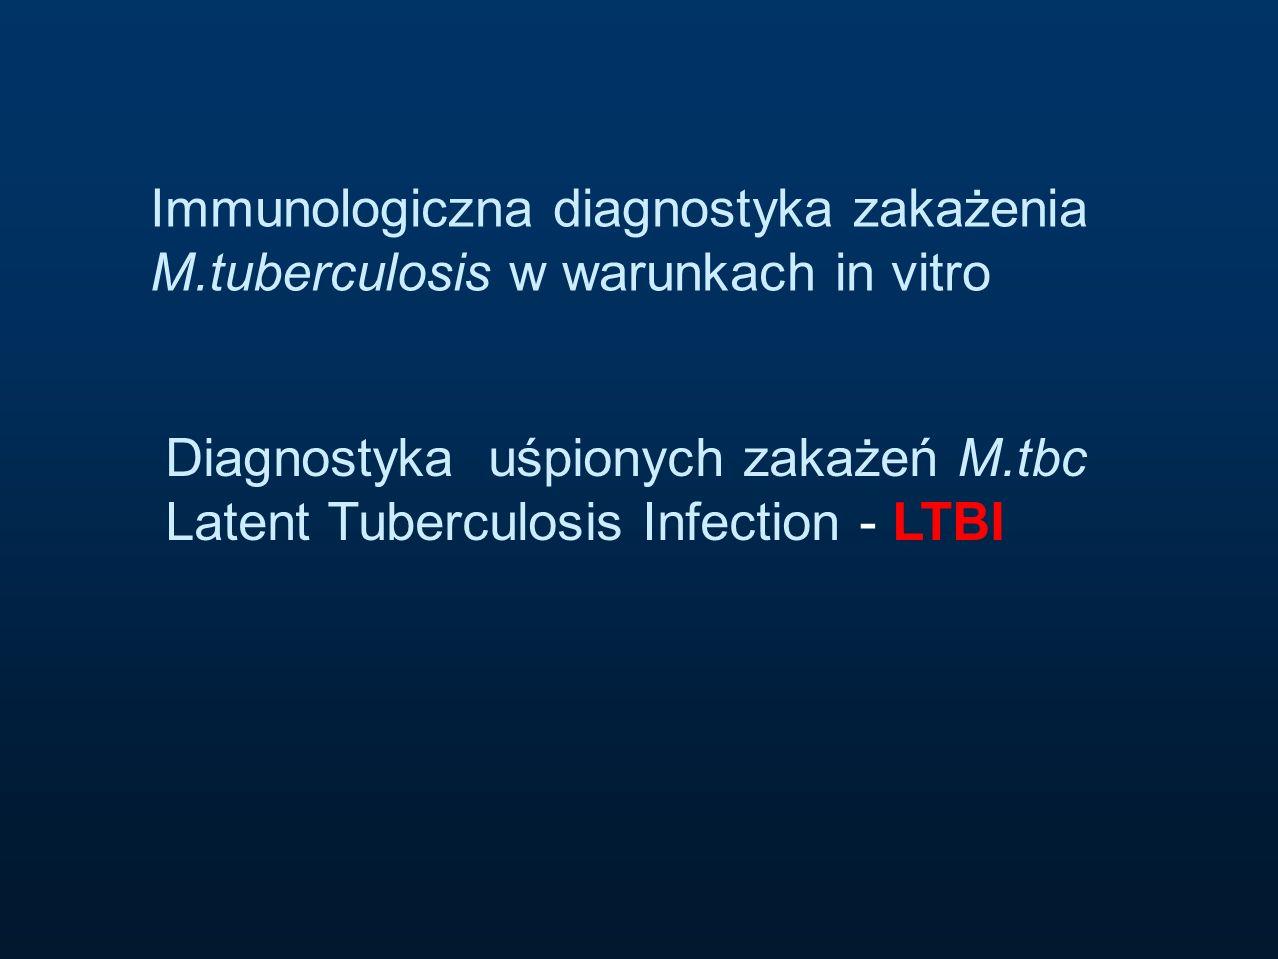 Diagnostyka uśpionych zakażeń M.tbc Latent Tuberculosis Infection - LTBI Immunologiczna diagnostyka zakażenia M.tuberculosis w warunkach in vitro